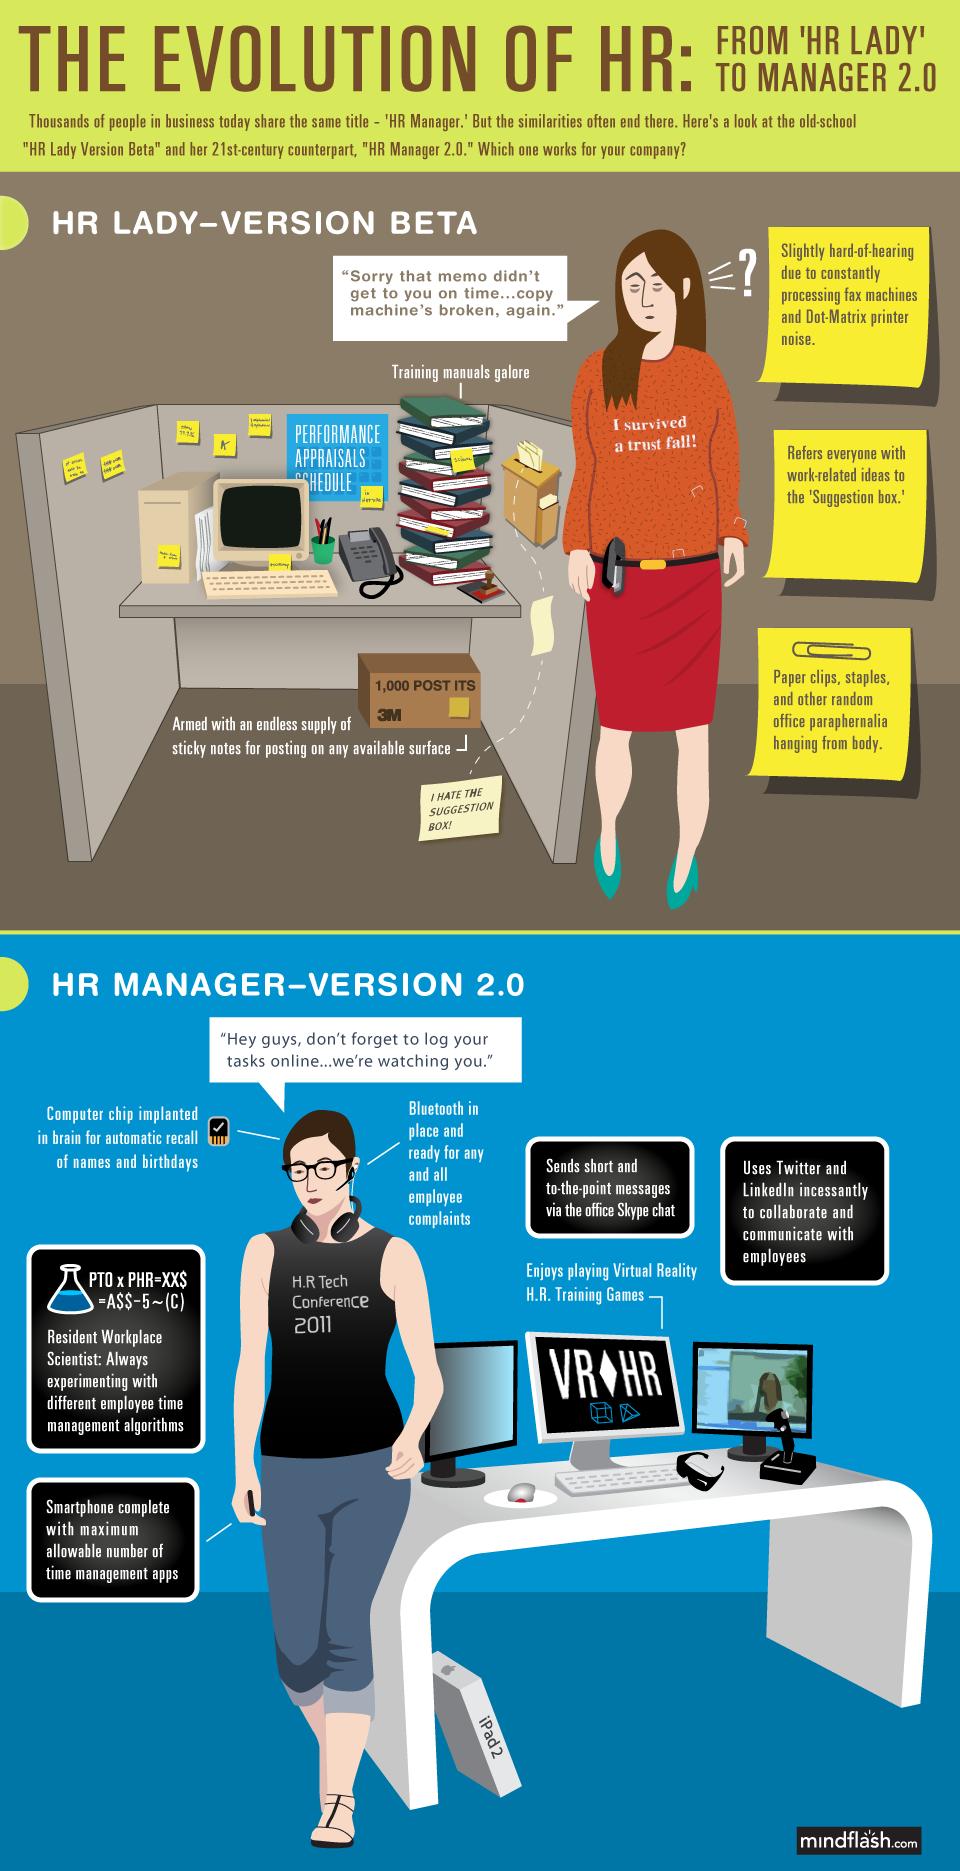 İnsan Kaynaklarında Çalışan Yönetici Profillerinin Değişimi